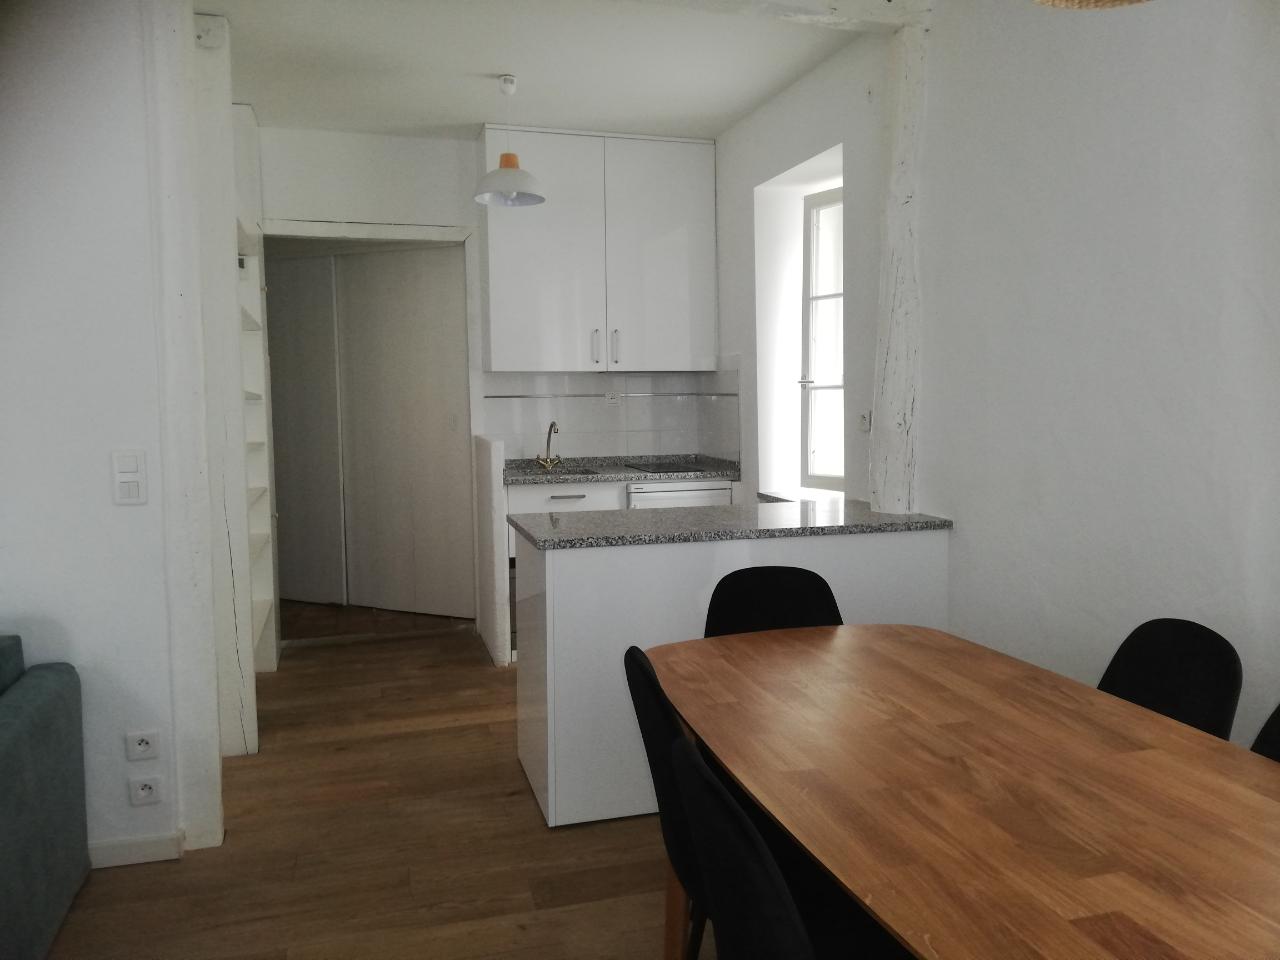 Vente appartement T3  à CIBOURE - 4